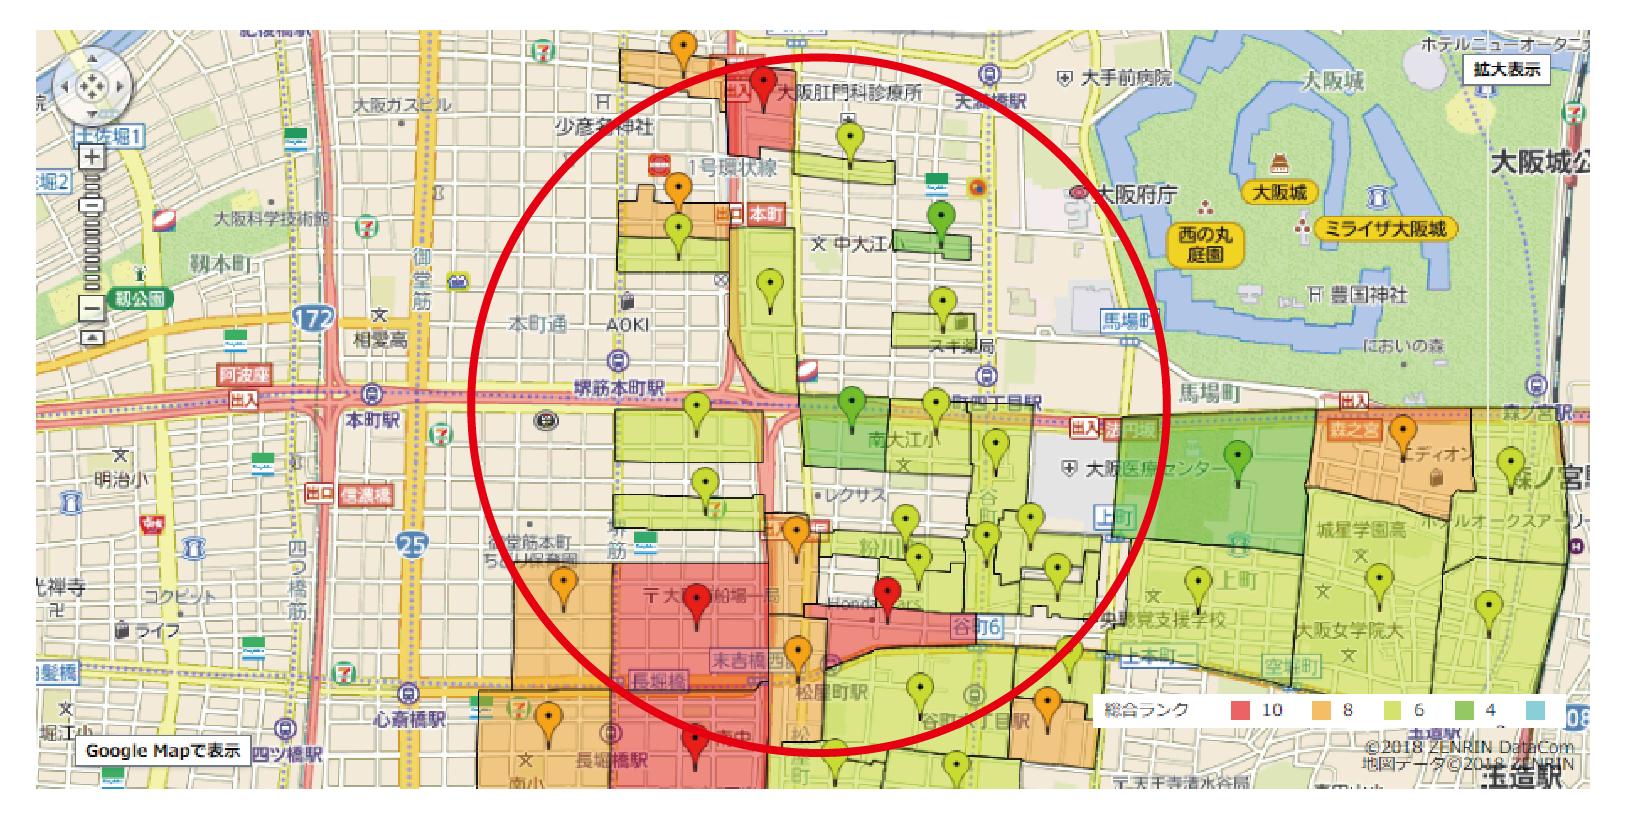 地図を使って効率的にポスティングするコツとは?